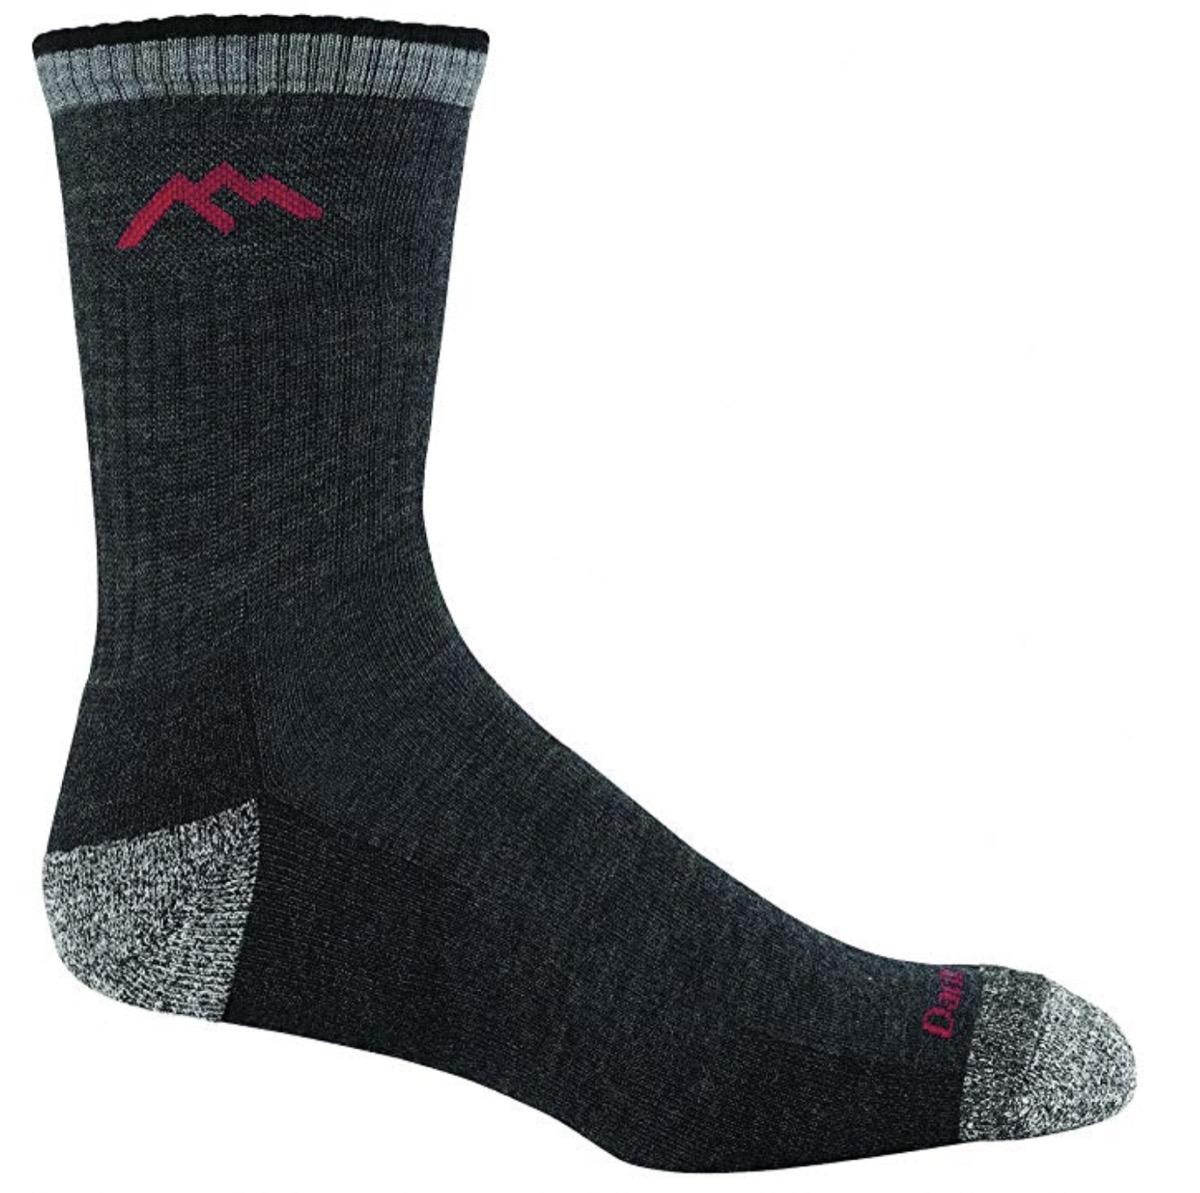 darn tough hiker merino wool micro crew socks